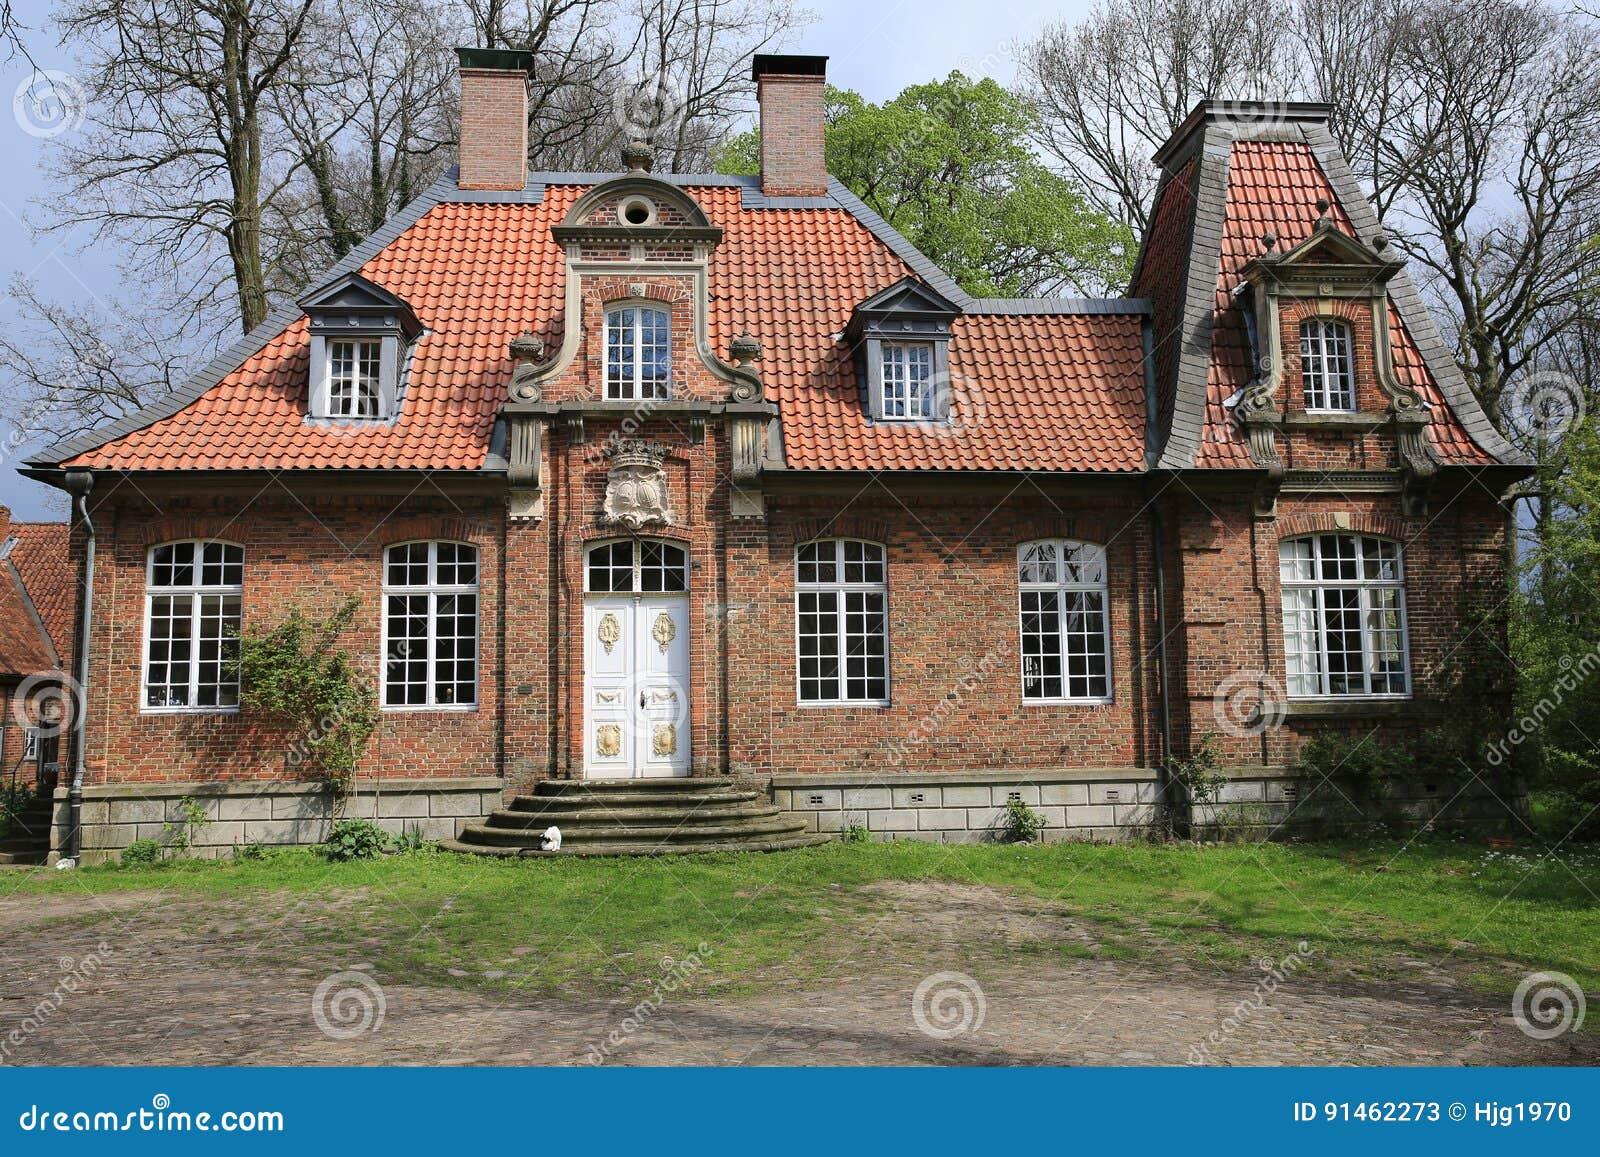 历史的豪宅萨森贝尔格在西华里亚,德国